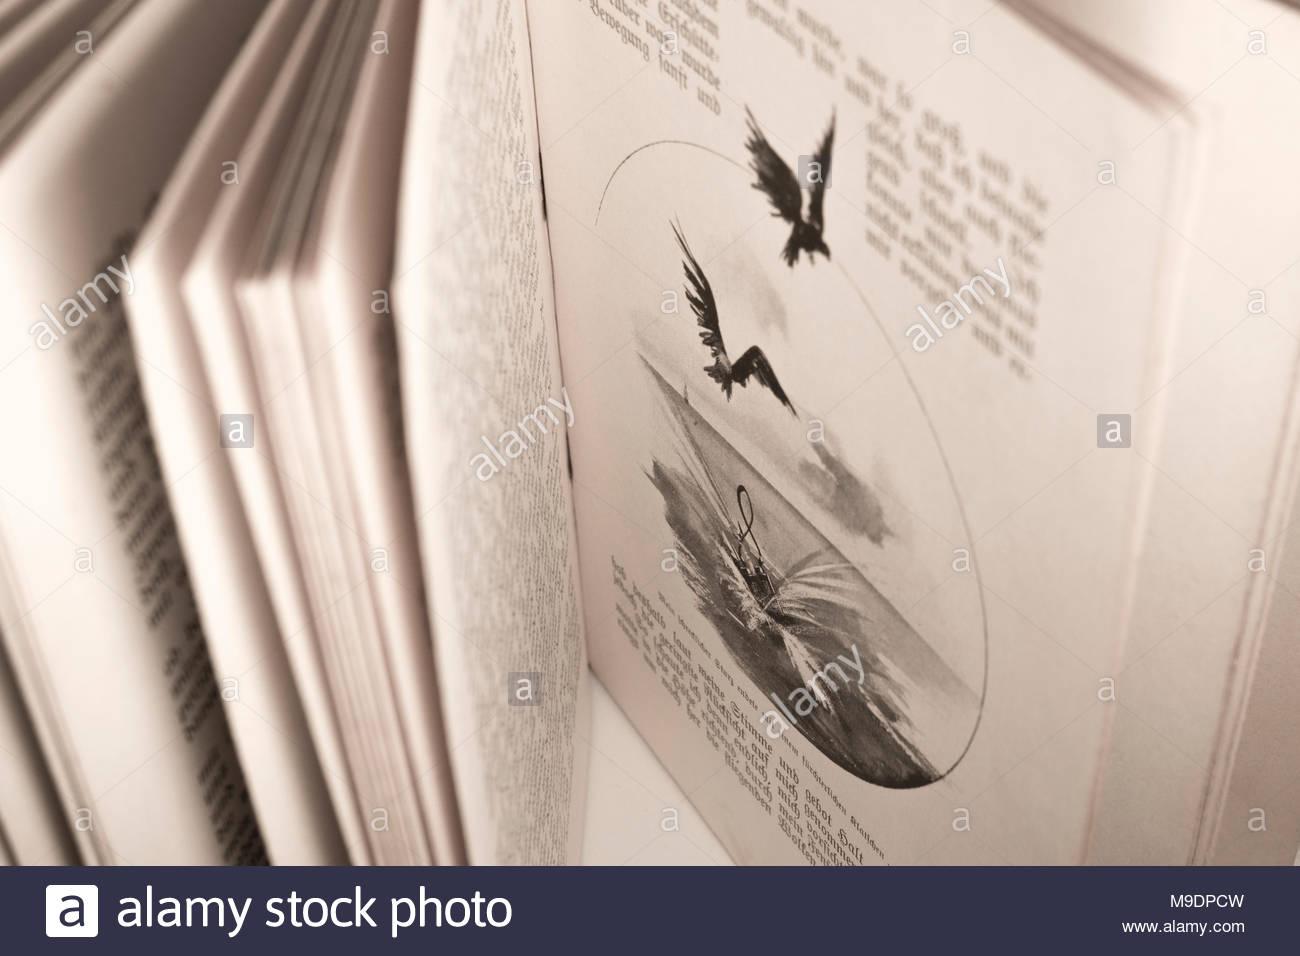 Details des Buches Gulliver's Travels, die Ende 1800 veröffentlichte s wie Gullivers Reisen, von Franz Hoffman. Enthält Abbildungen. Stockbild